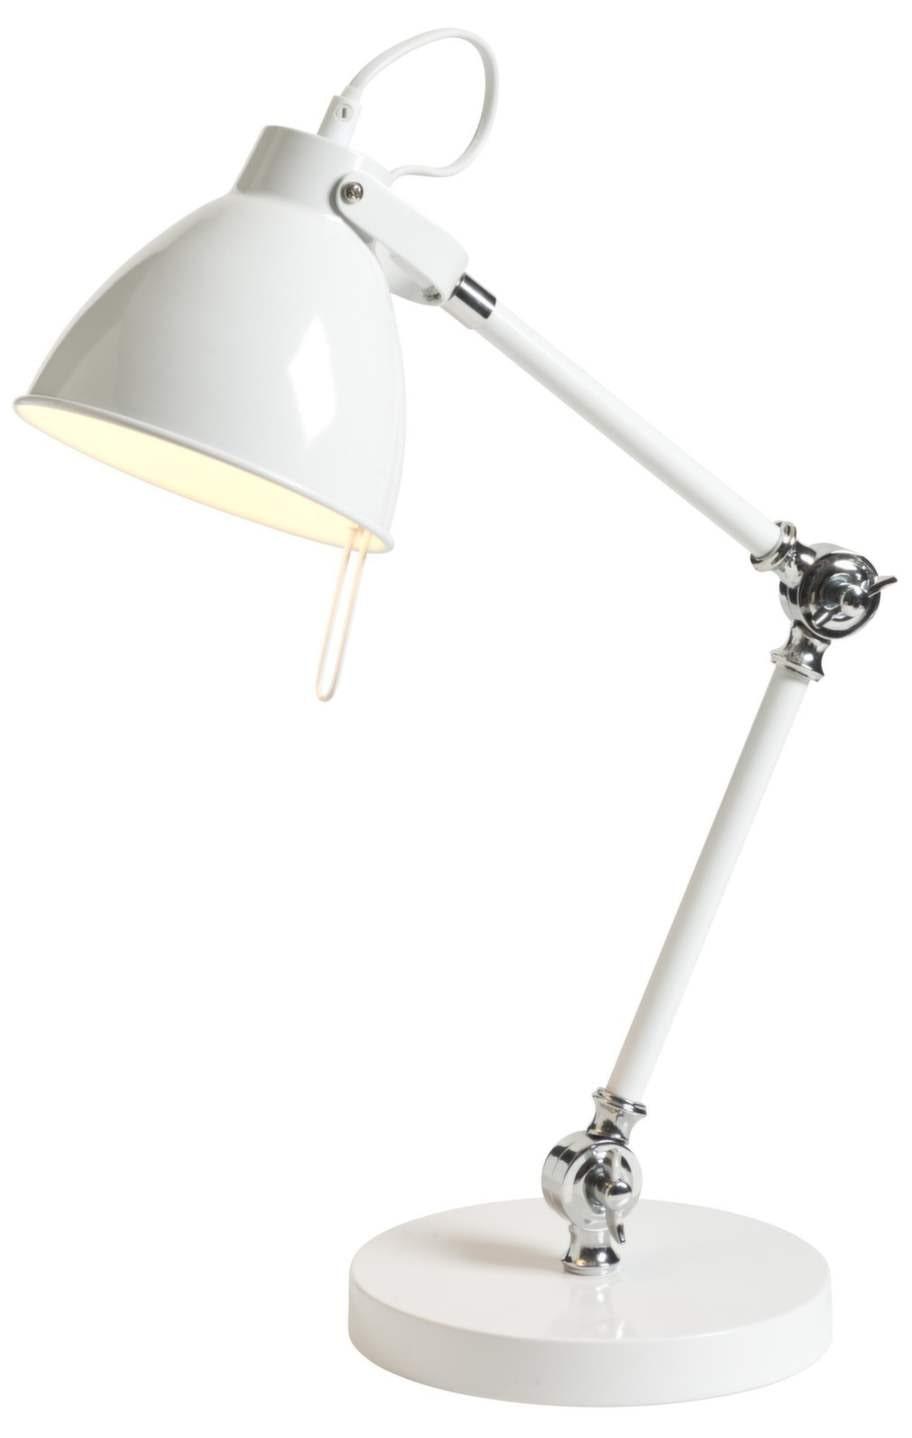 7 Bordslampa, Oxford, i metall, 199 kronor, Rusta.